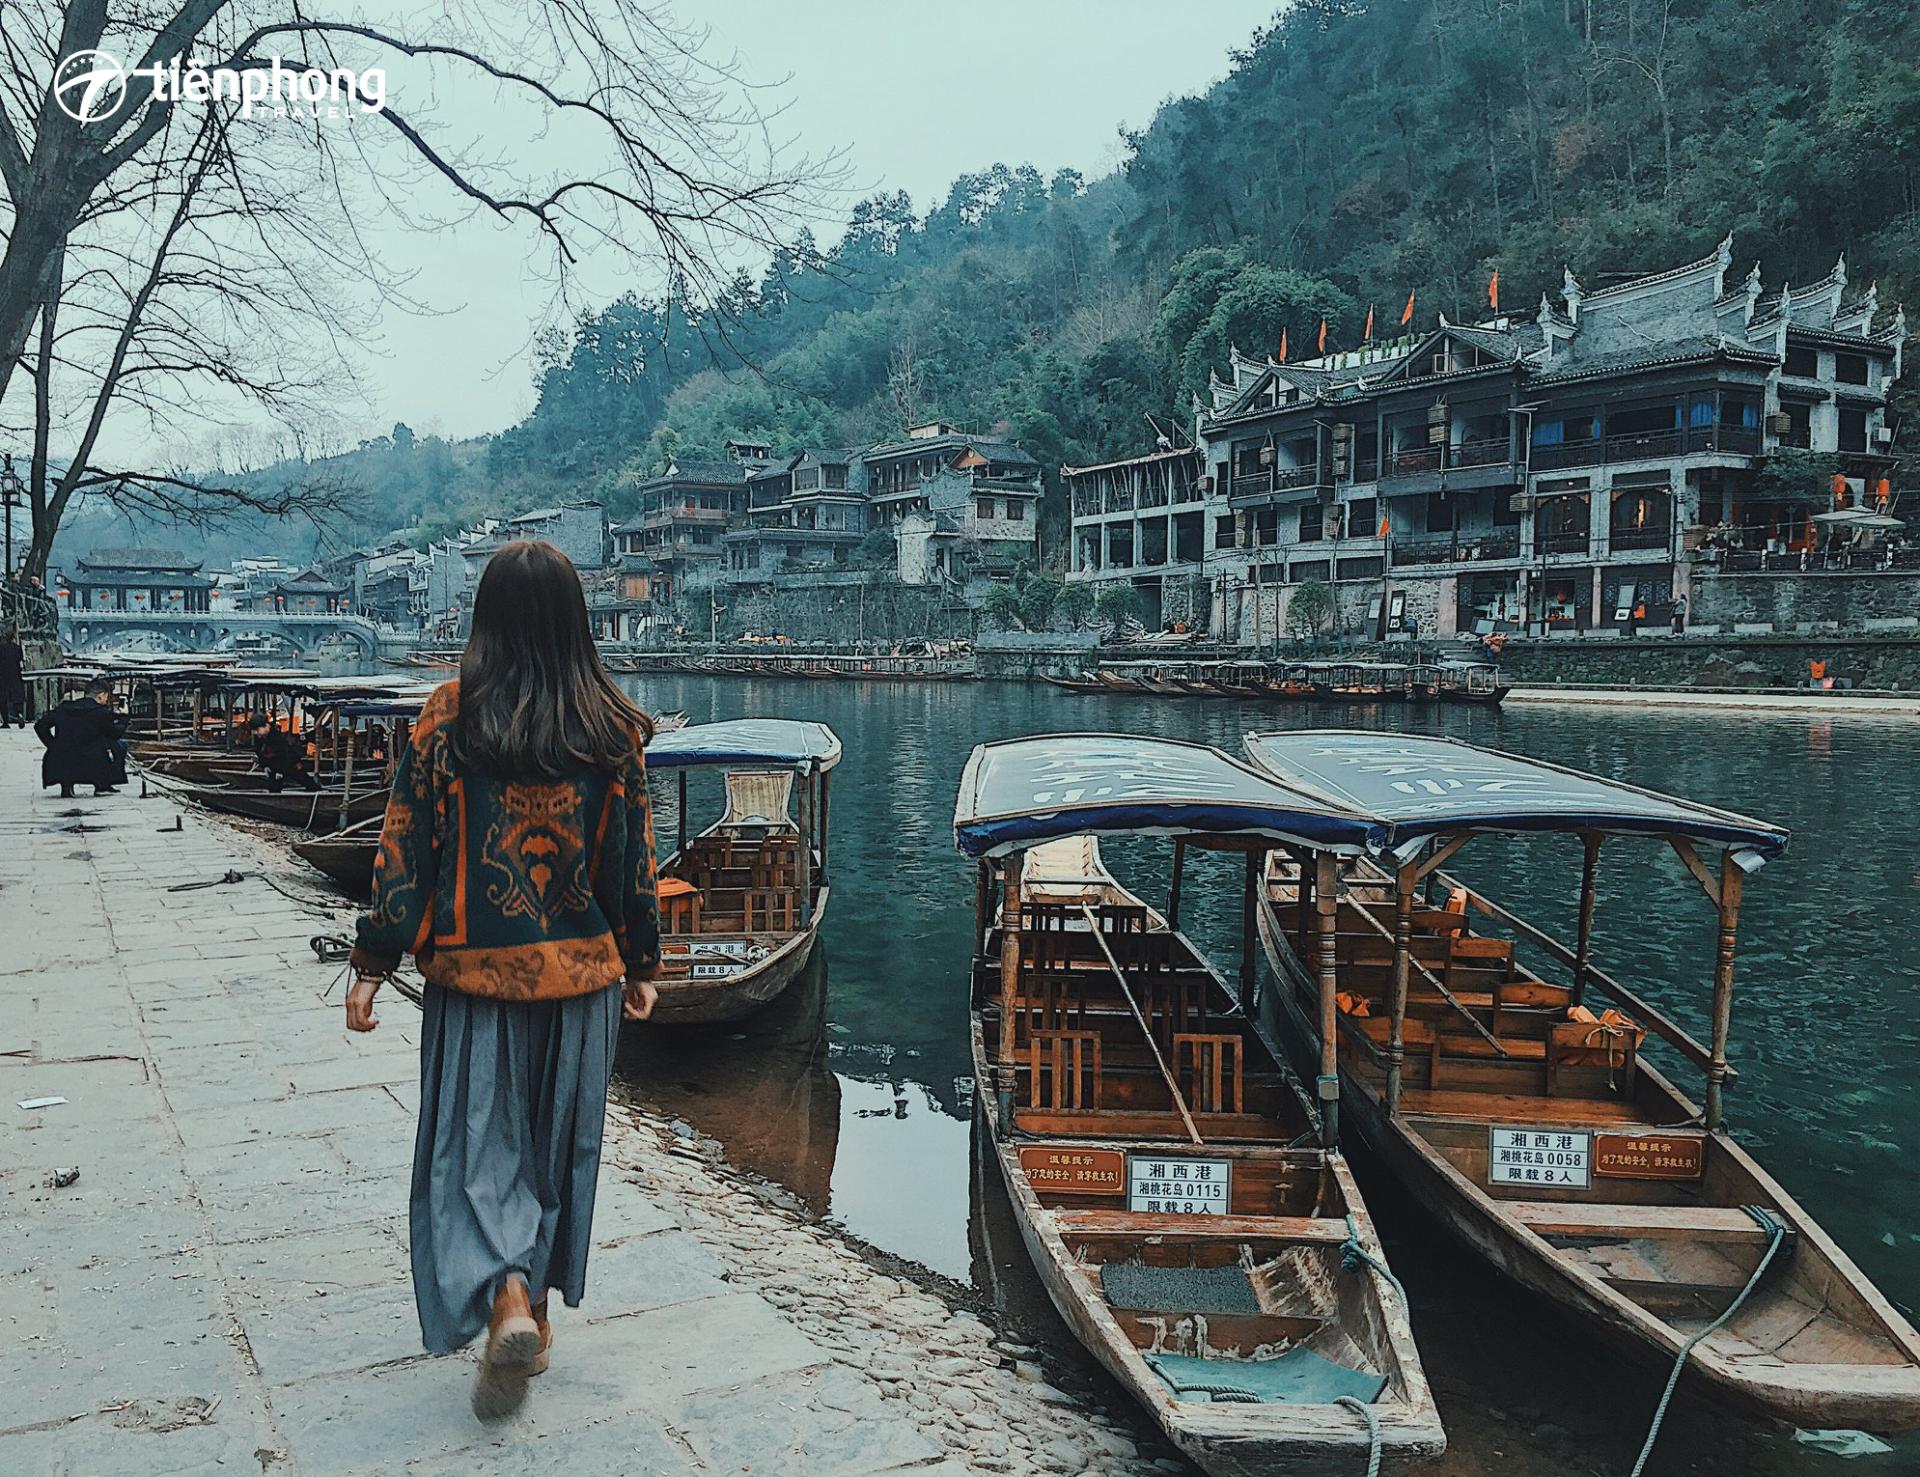 Đi Phượng Hoàng cổ trấn Trương Gia Giới mùa nào đẹp?